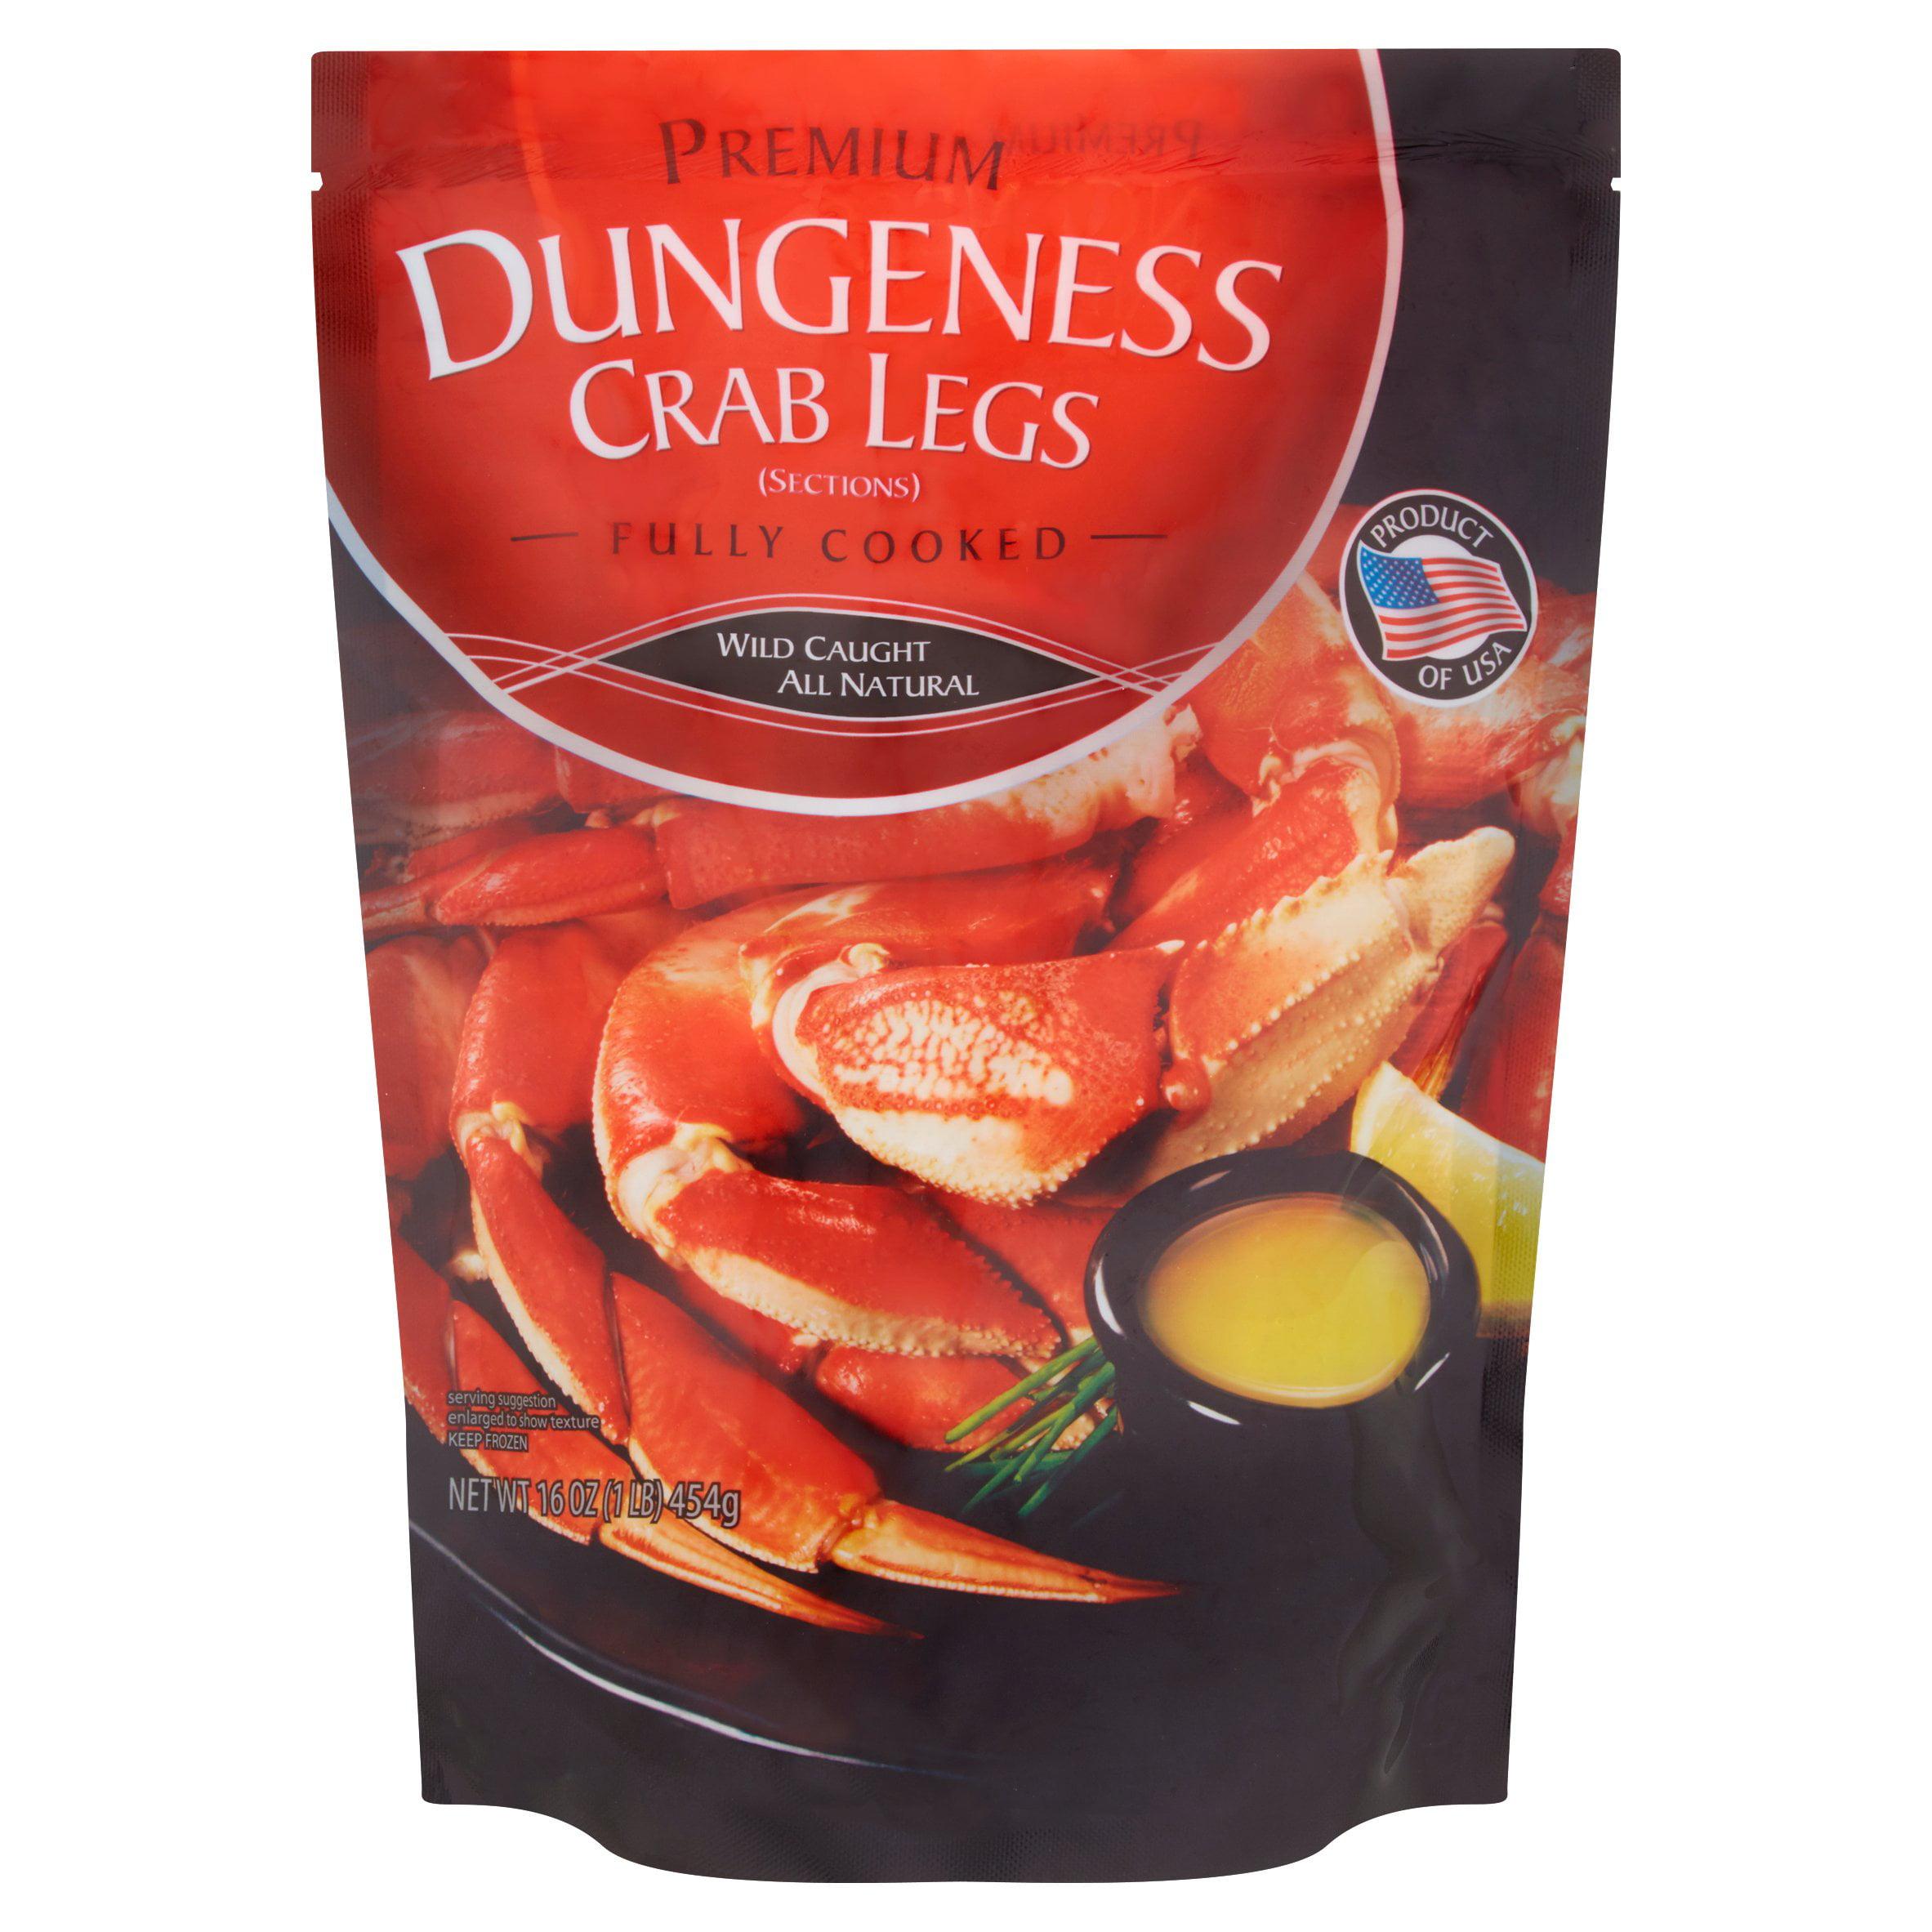 Premium Dungeness Crab Legs, 16 oz